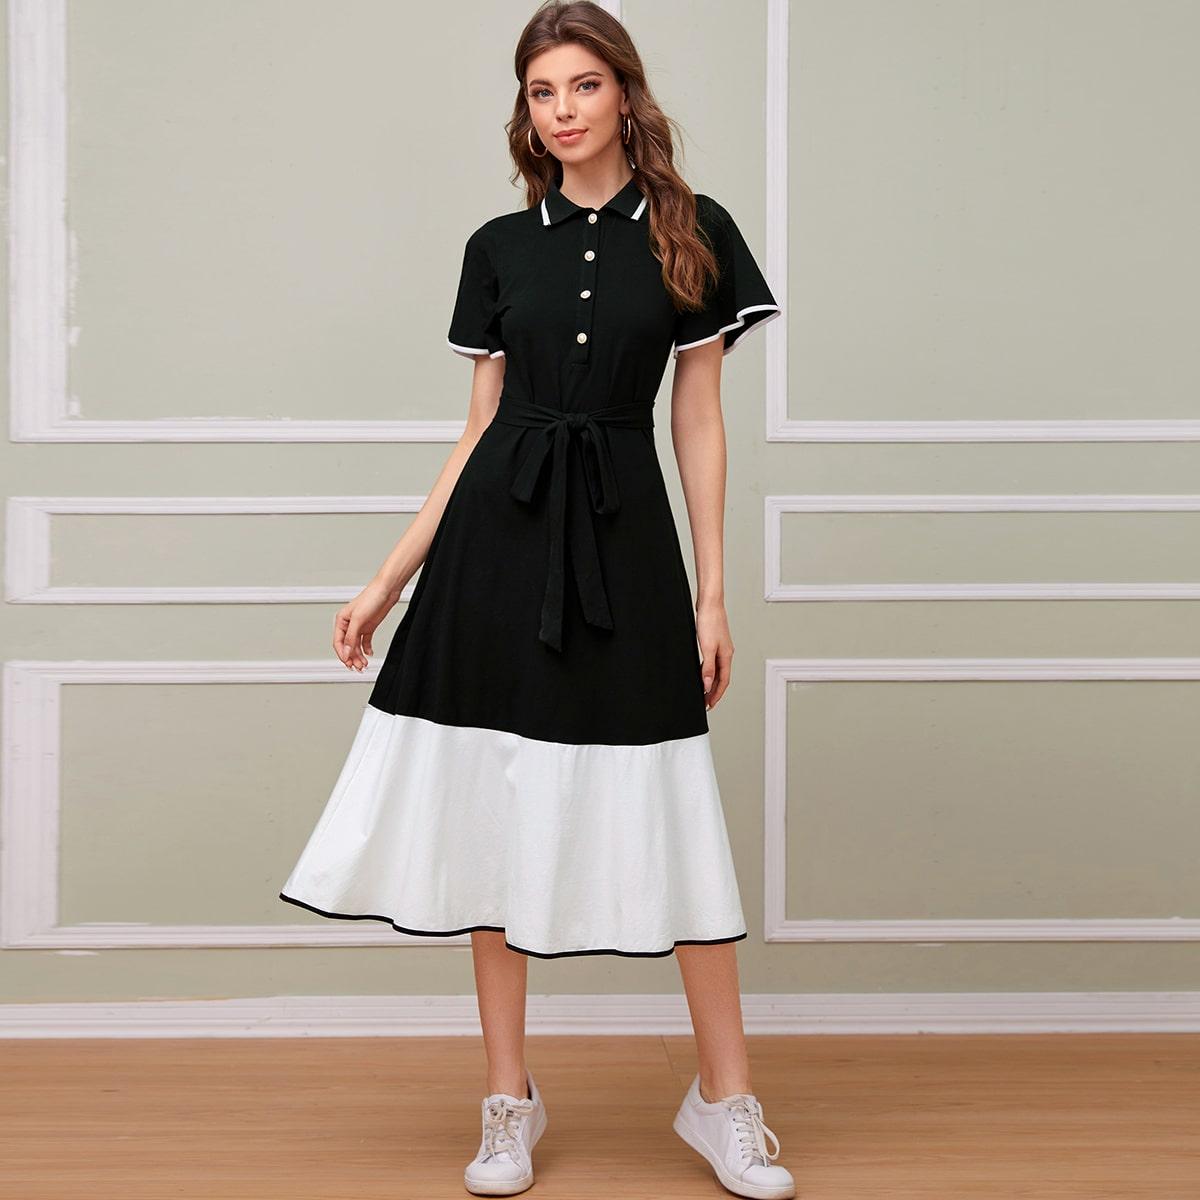 Платье с поясом, оборкой и пуговицами фото